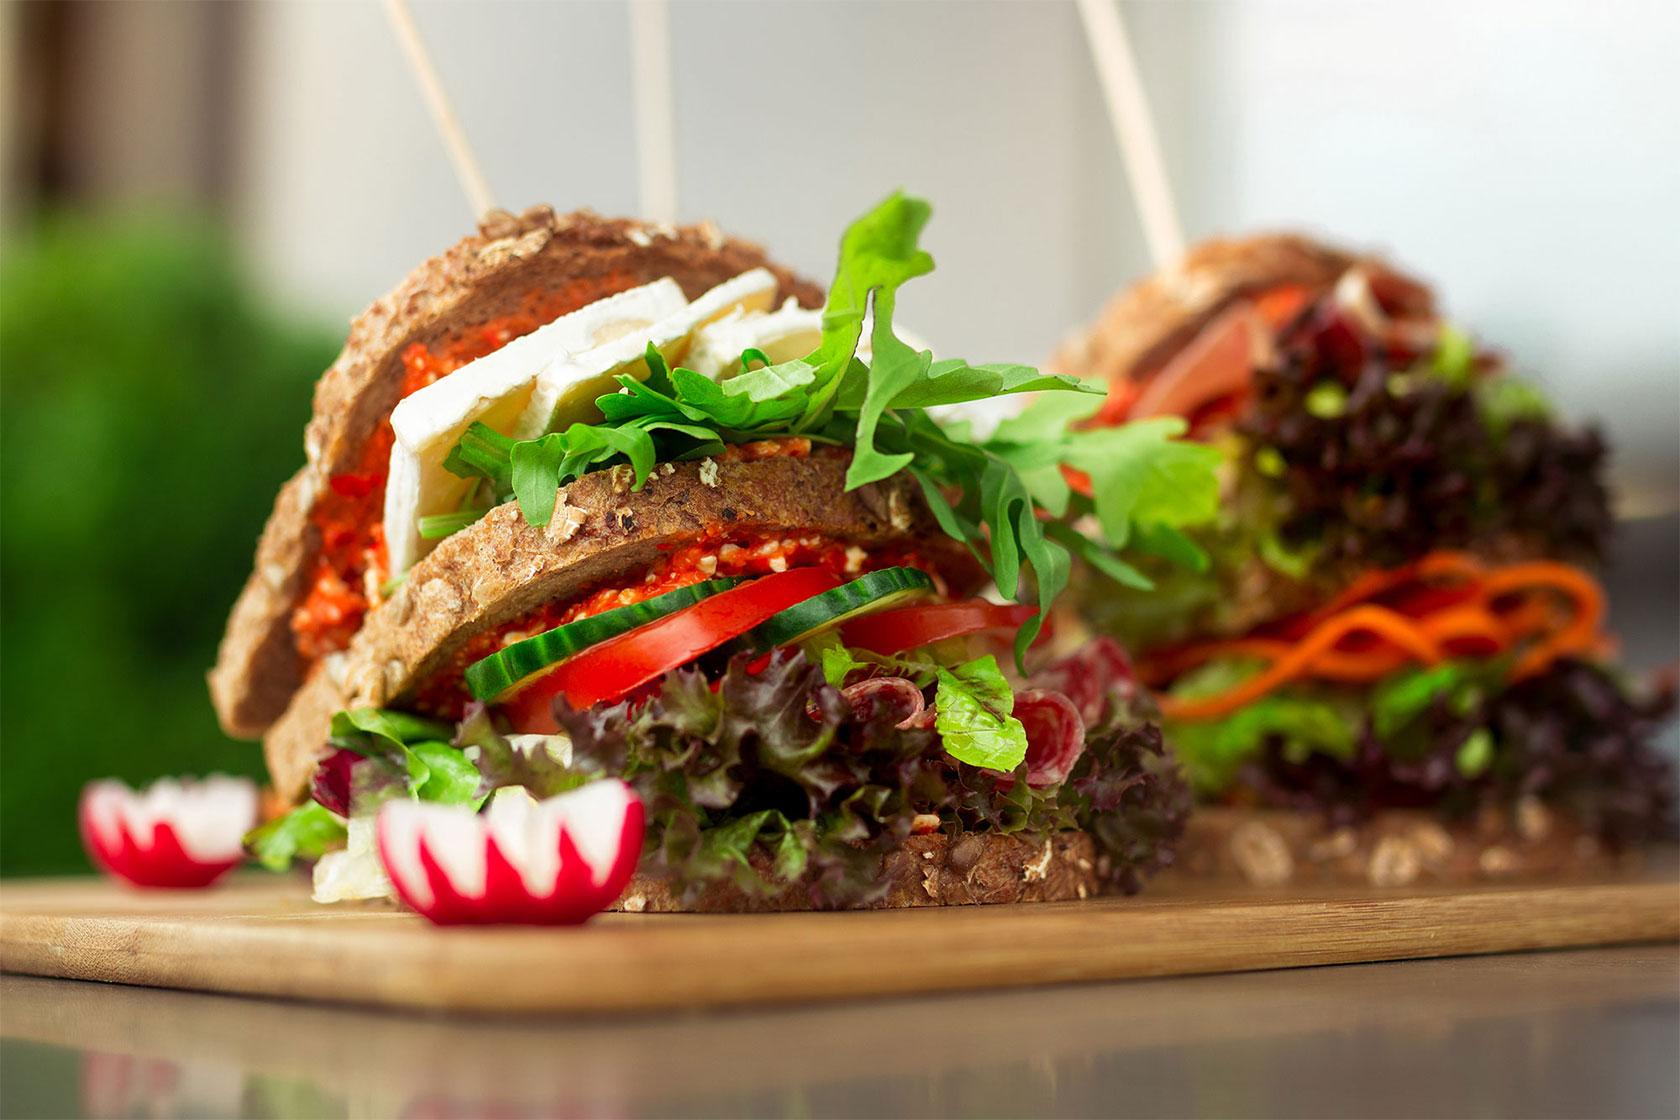 Fotos von deinen Gerichten - new media labs ist das Fotostudio für Food Fotografie in Wittlich